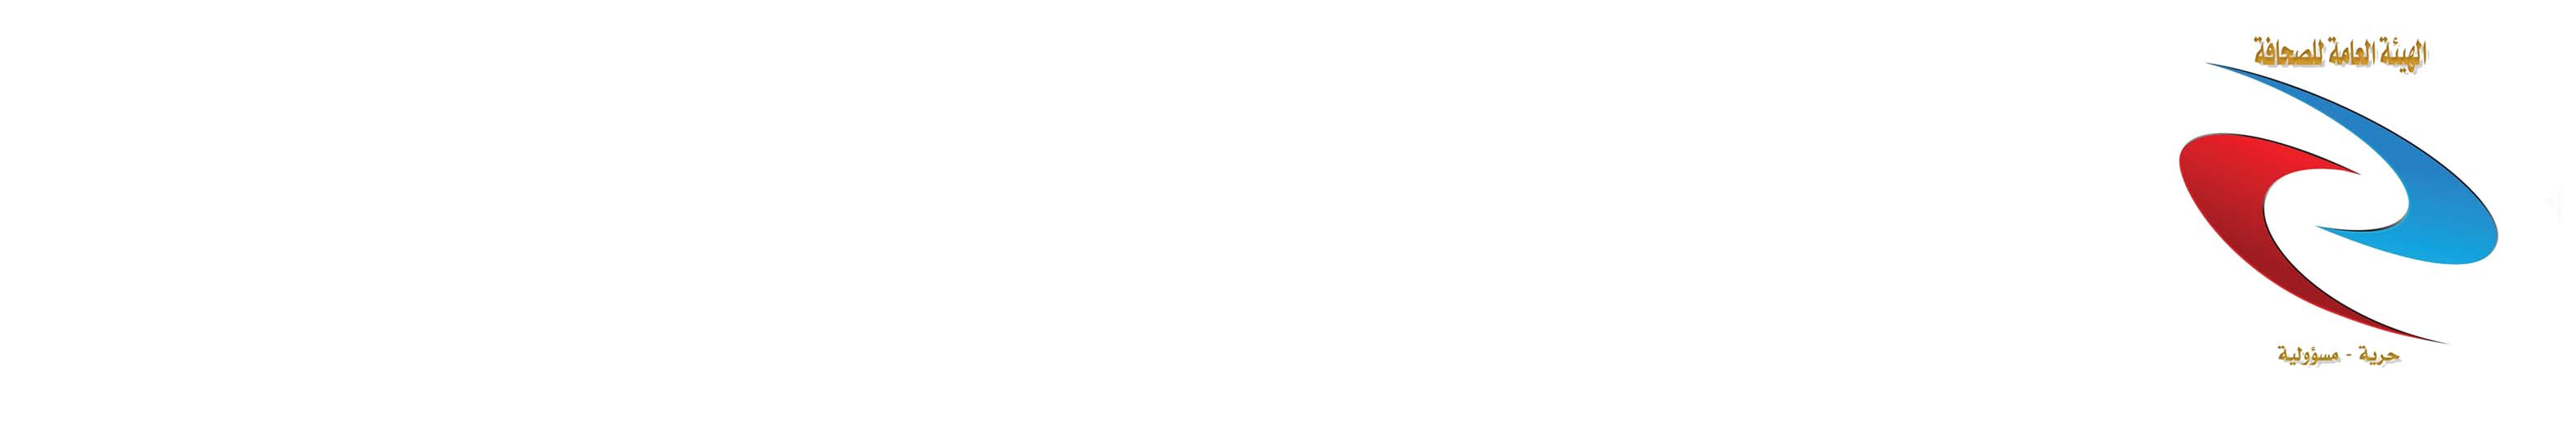 الهيئة العامة للصحافة